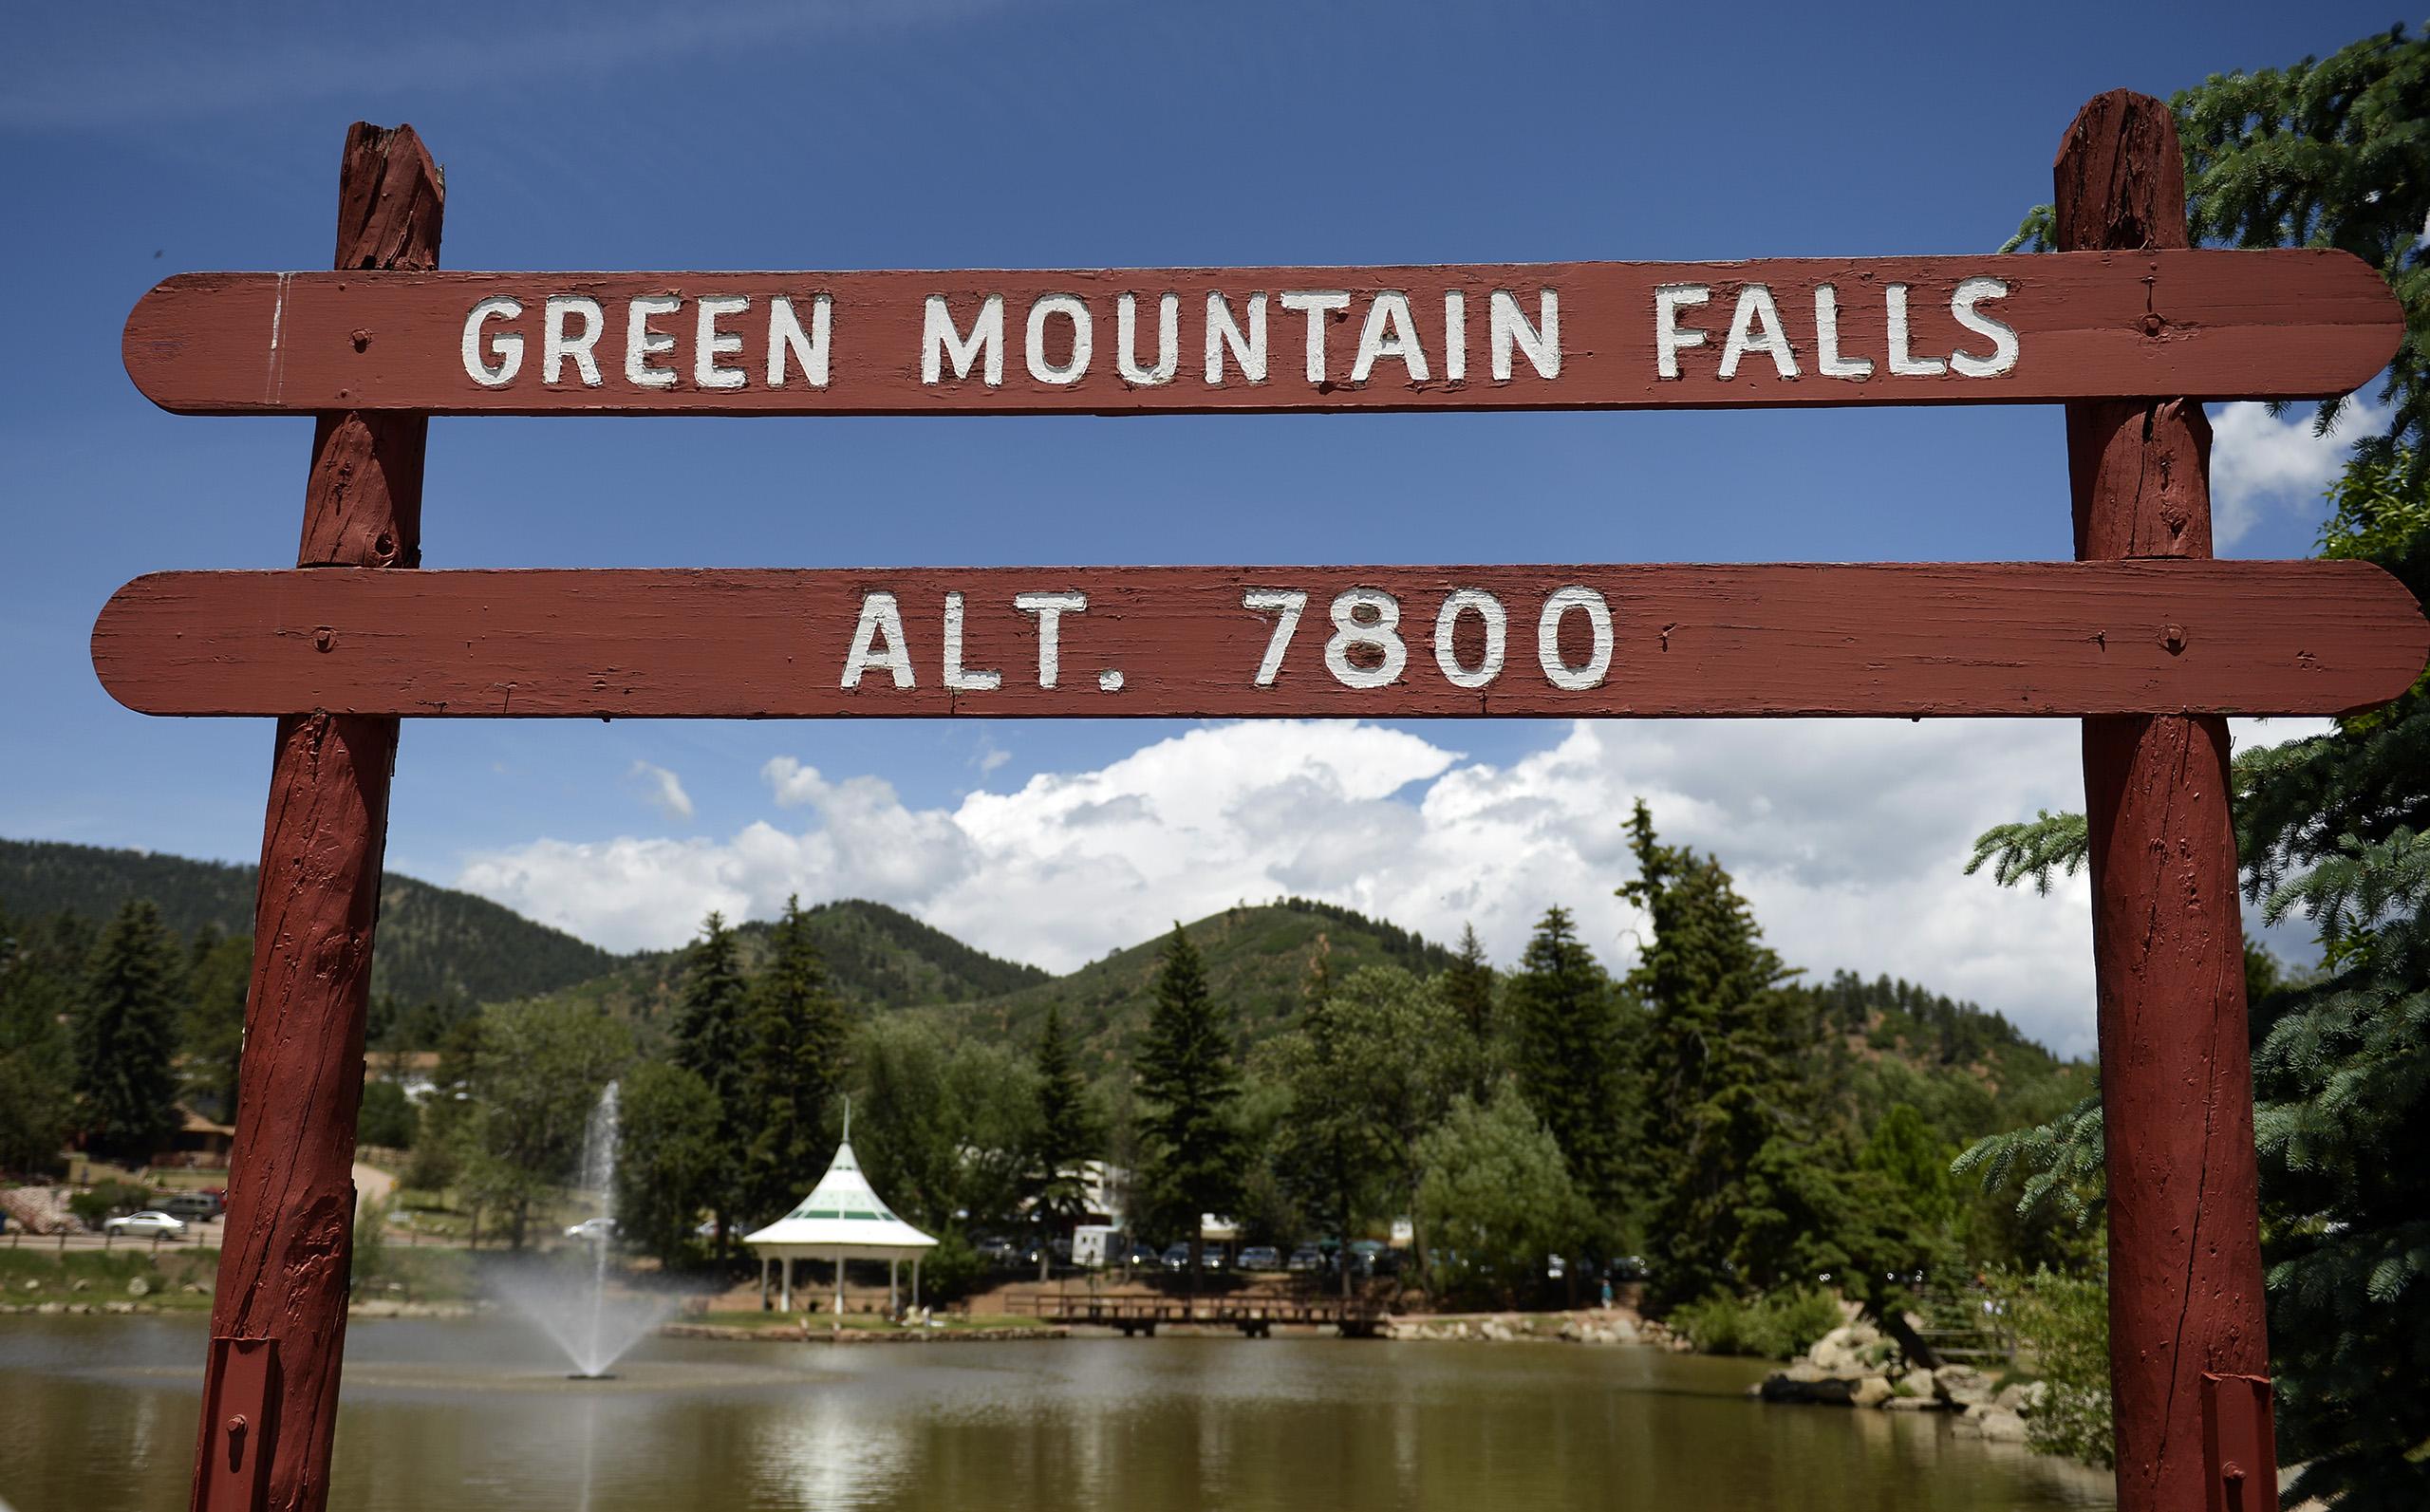 Green Mountain Falls, Colorado, on June 23, 2014.